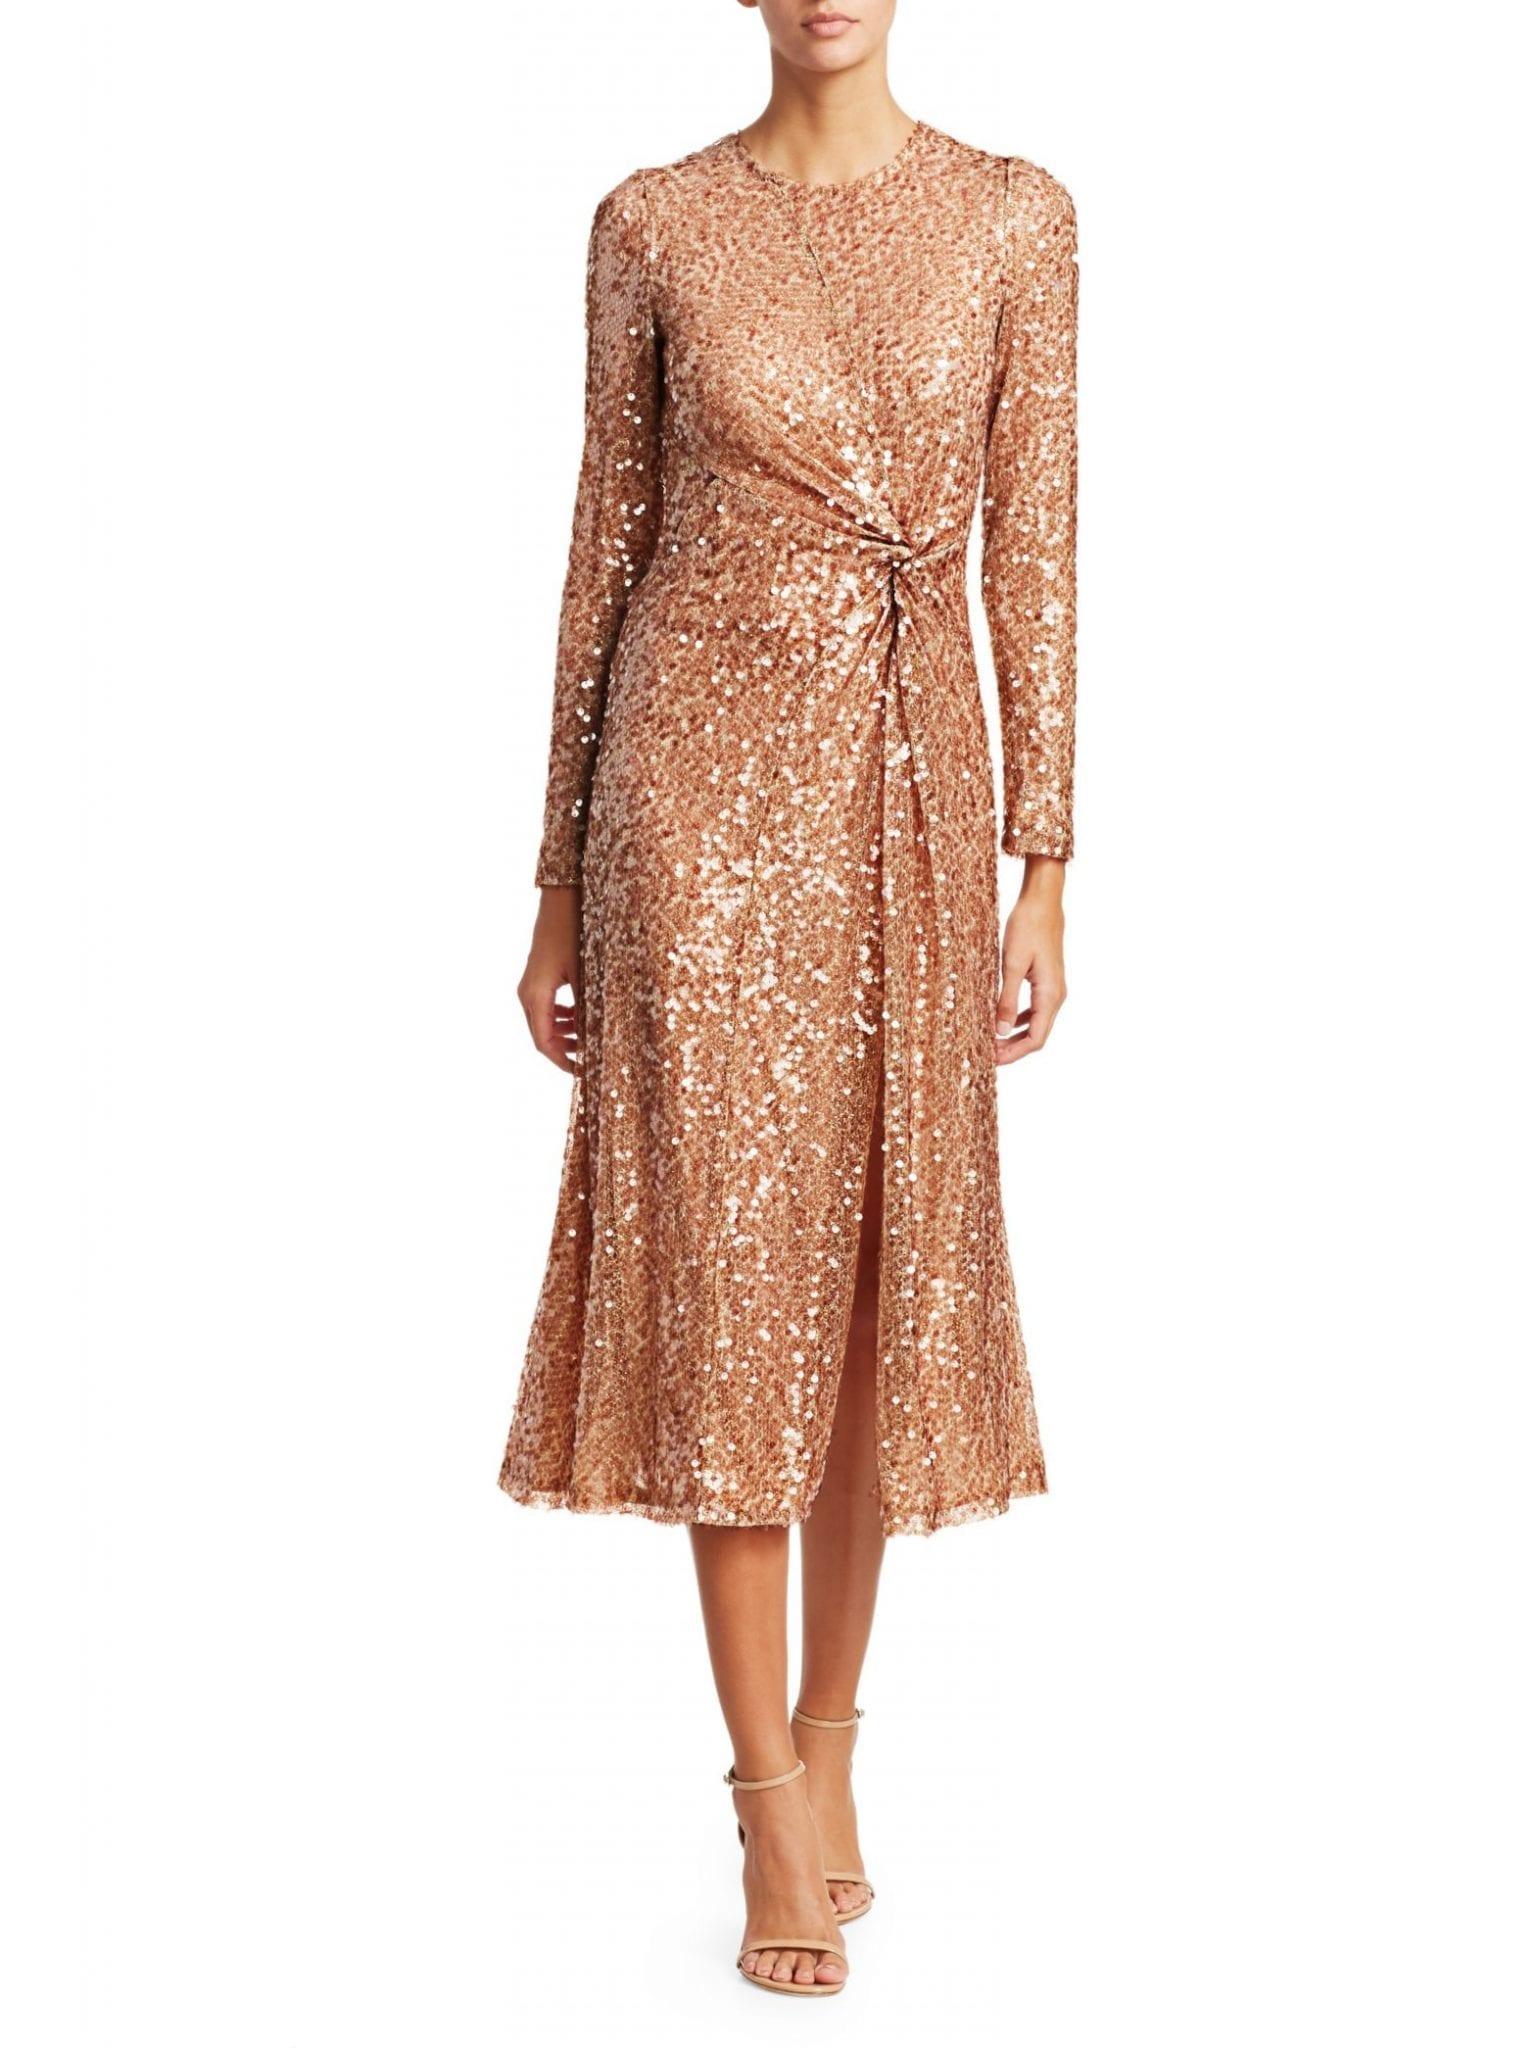 GALVAN Pinwheel Sequin Twist-Front Dress